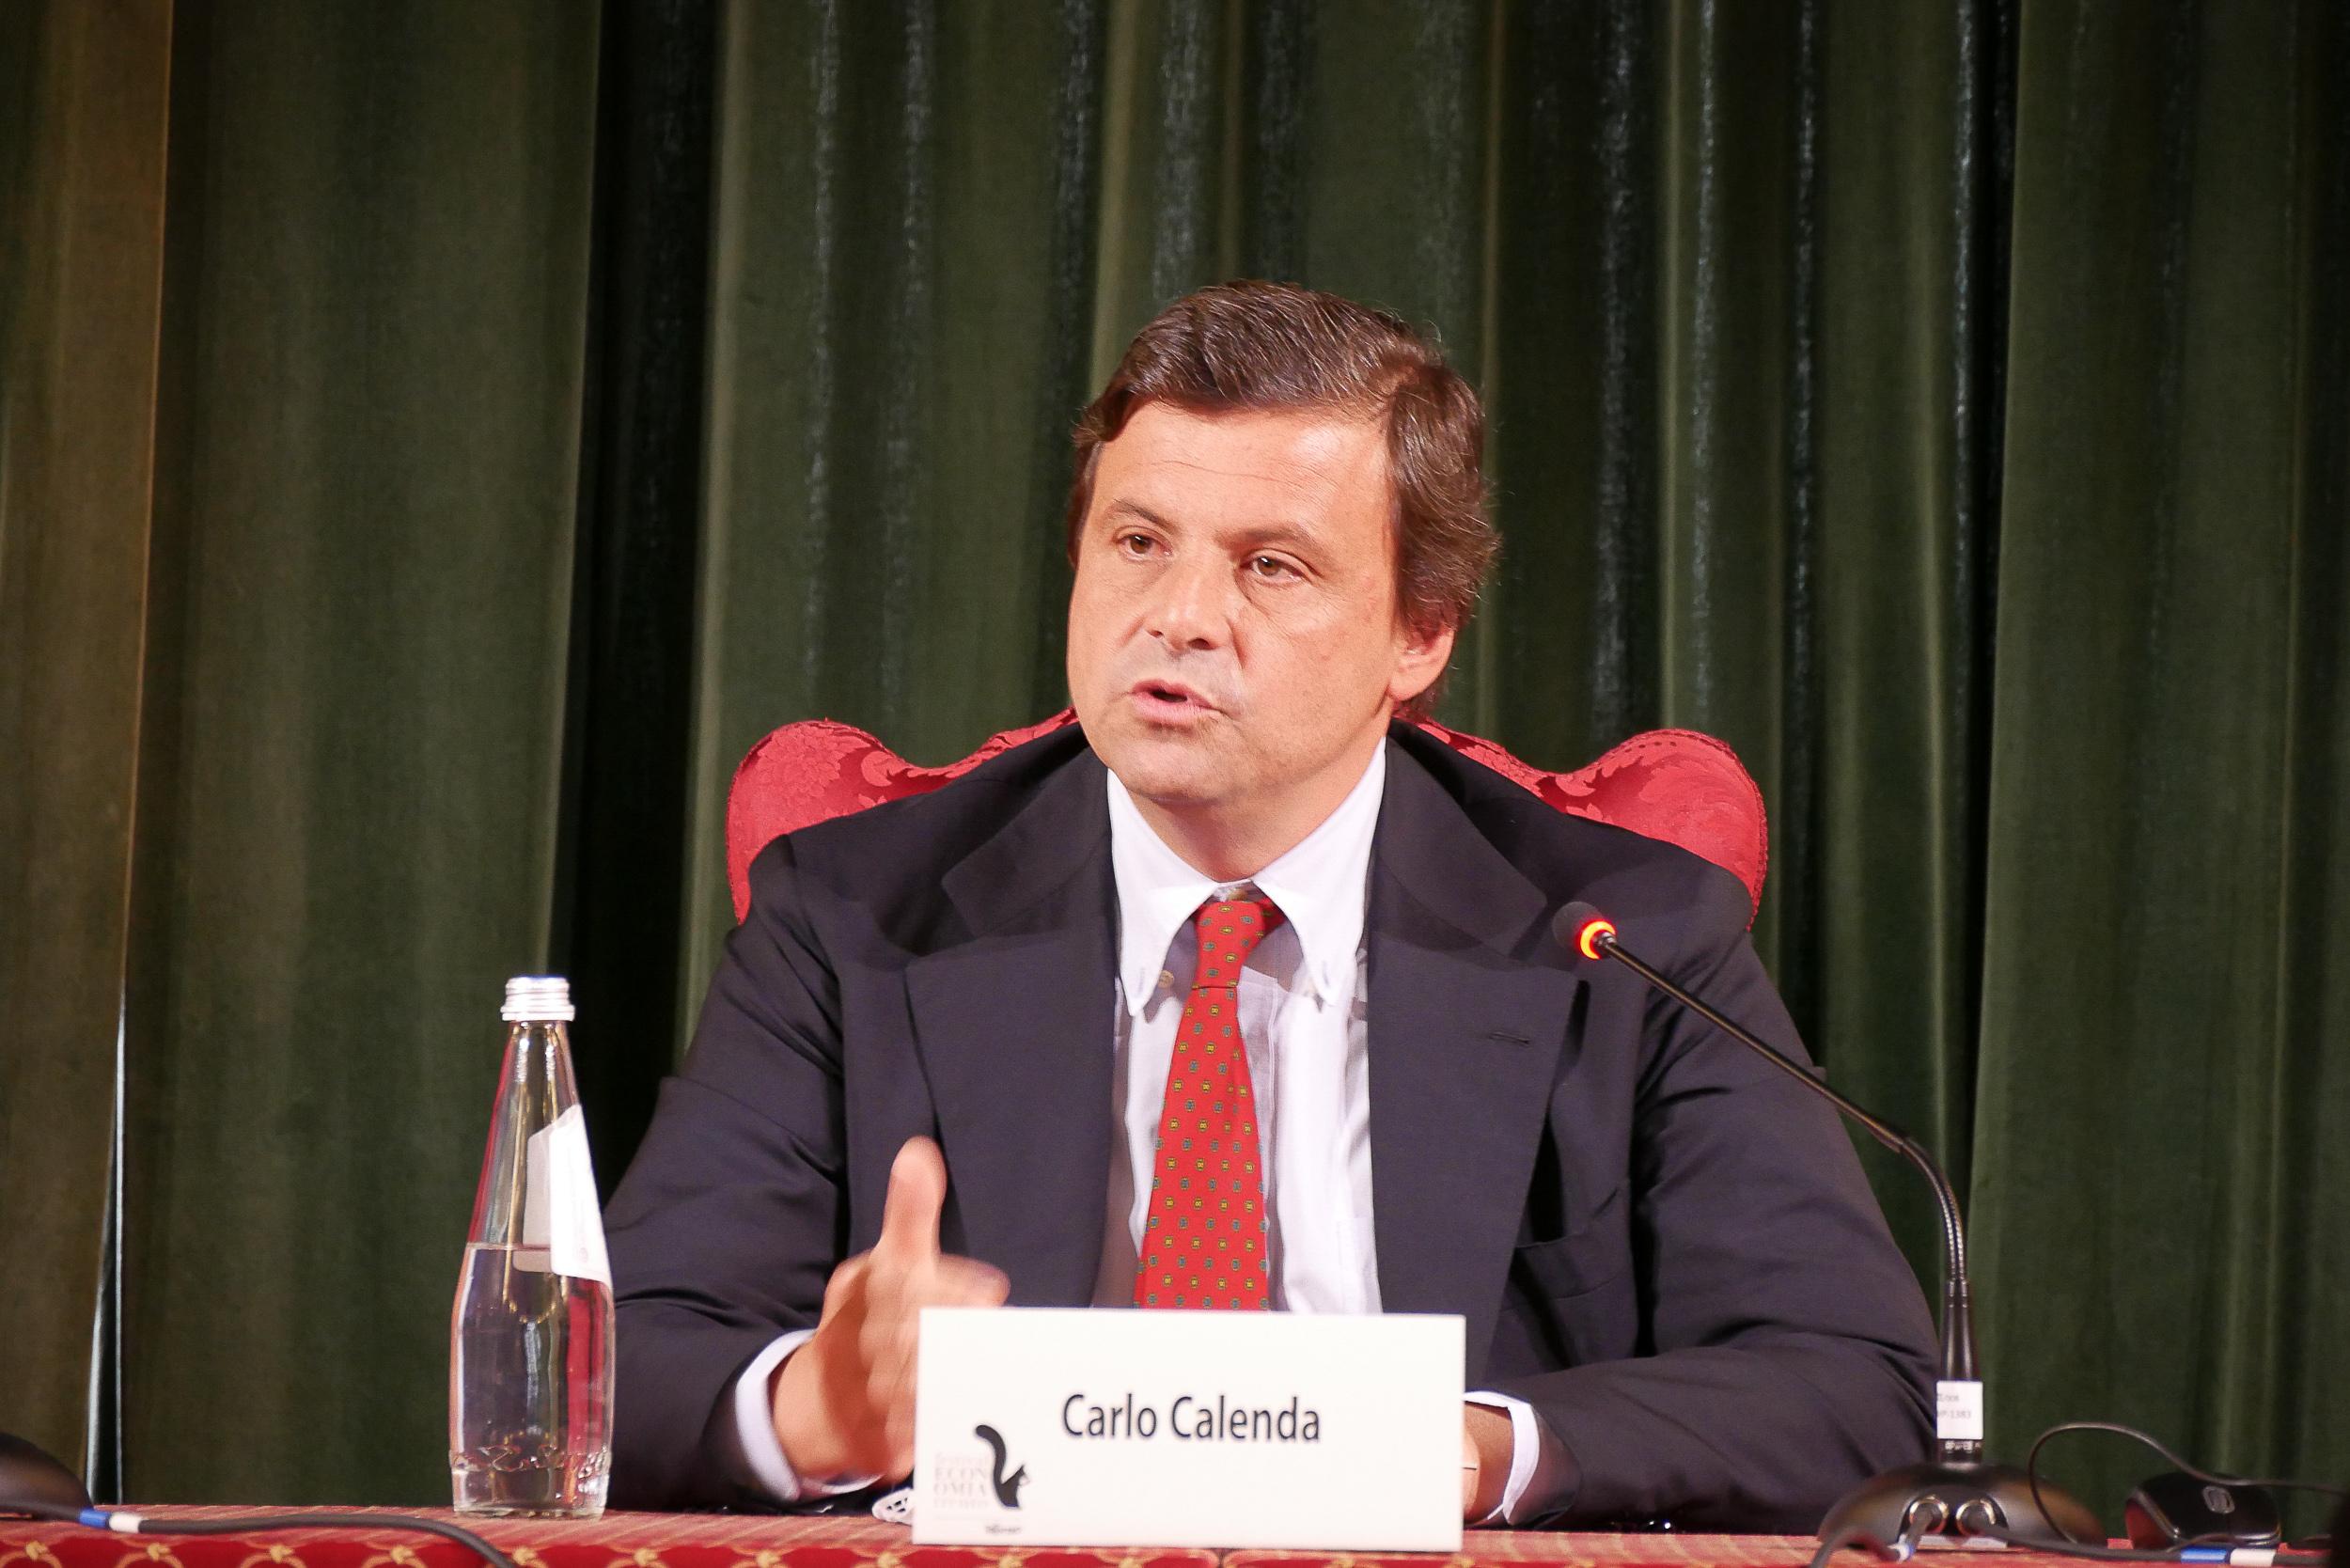 Minister Carlo Calenda recipe to re-launch Italian economy